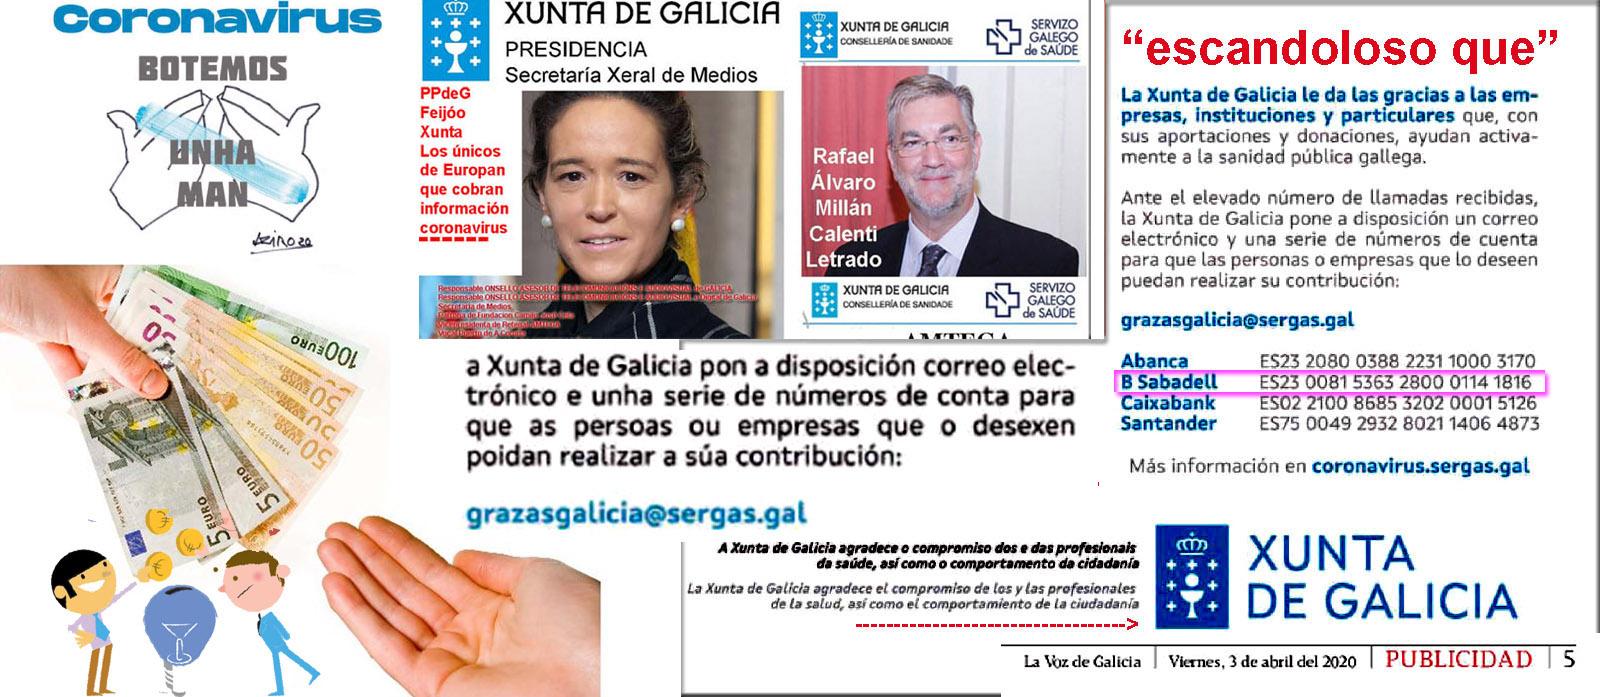 bancosabadell pablo junceda donativos dinero mediantecuentasbancarias sergas mar sanchezsierra